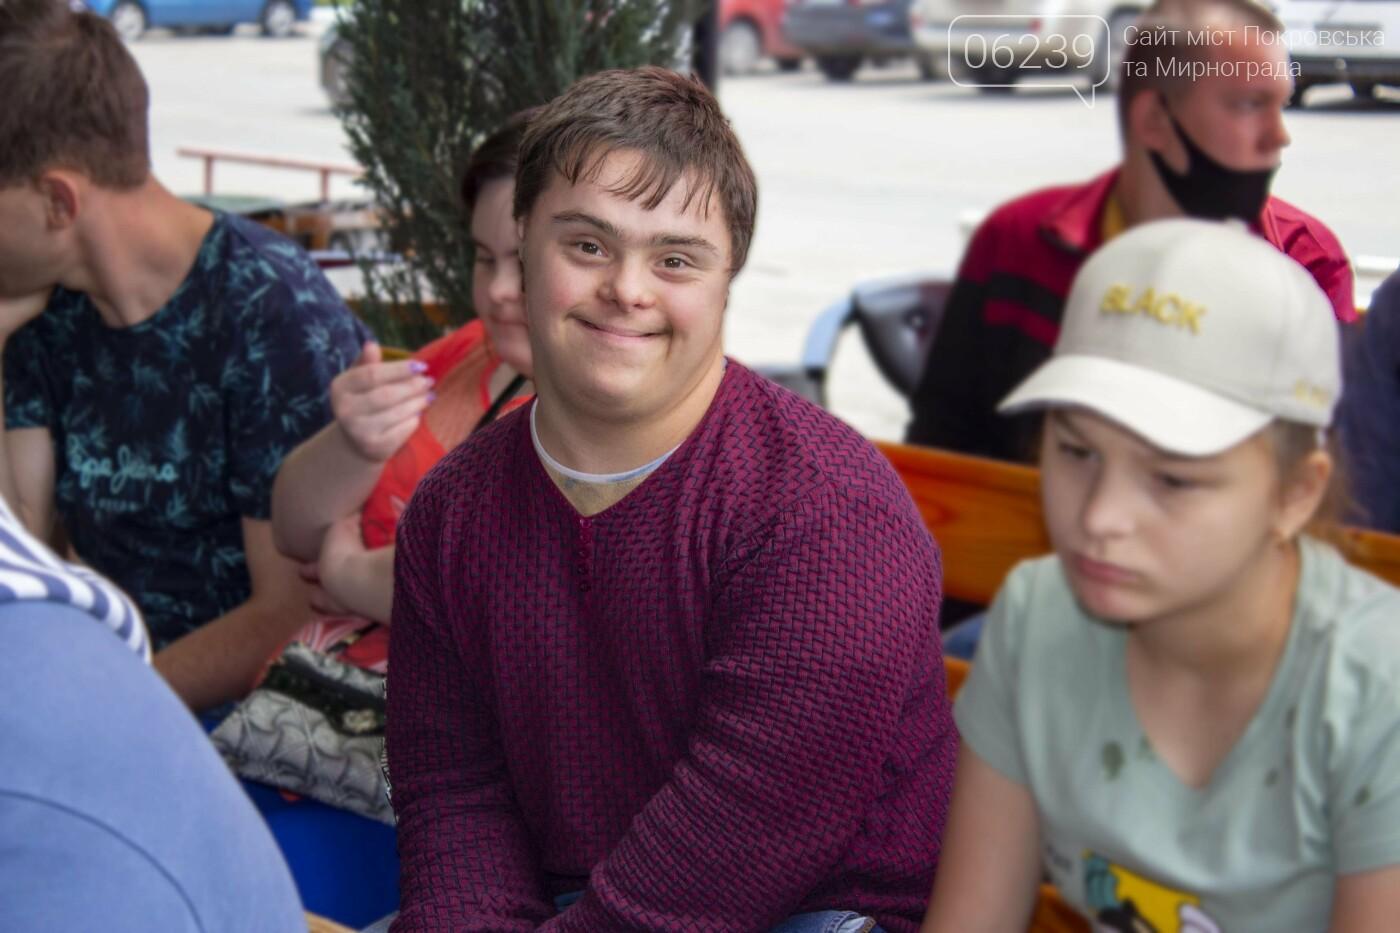 В Покровске прошла благотворительная акция для детей с инвалидностью, - ФОТО, фото-7